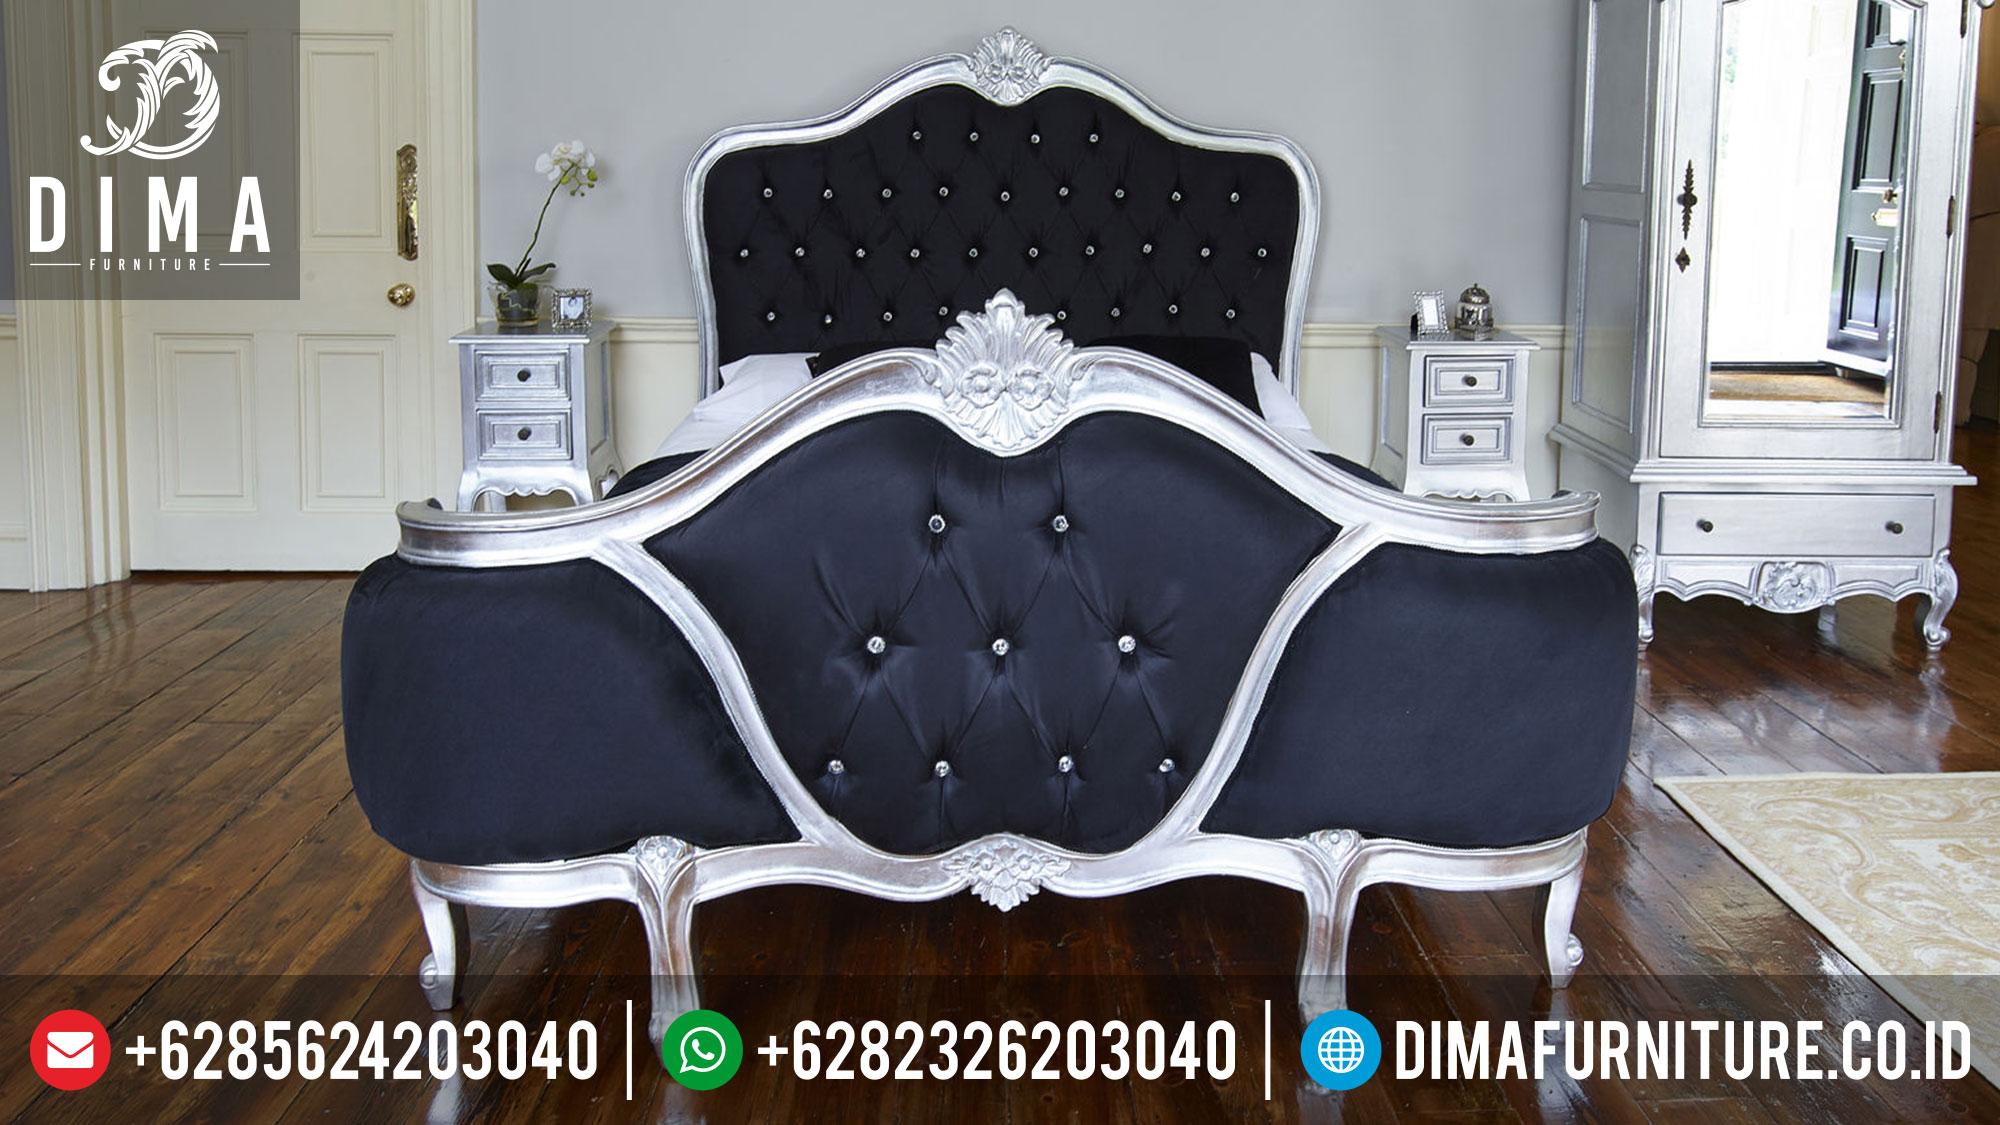 Tempat Tidur Minimalis Perak, Kamar Set Rococo Mewah, Set Kamar Tidur Terbaru DF-0343 Gambar 1